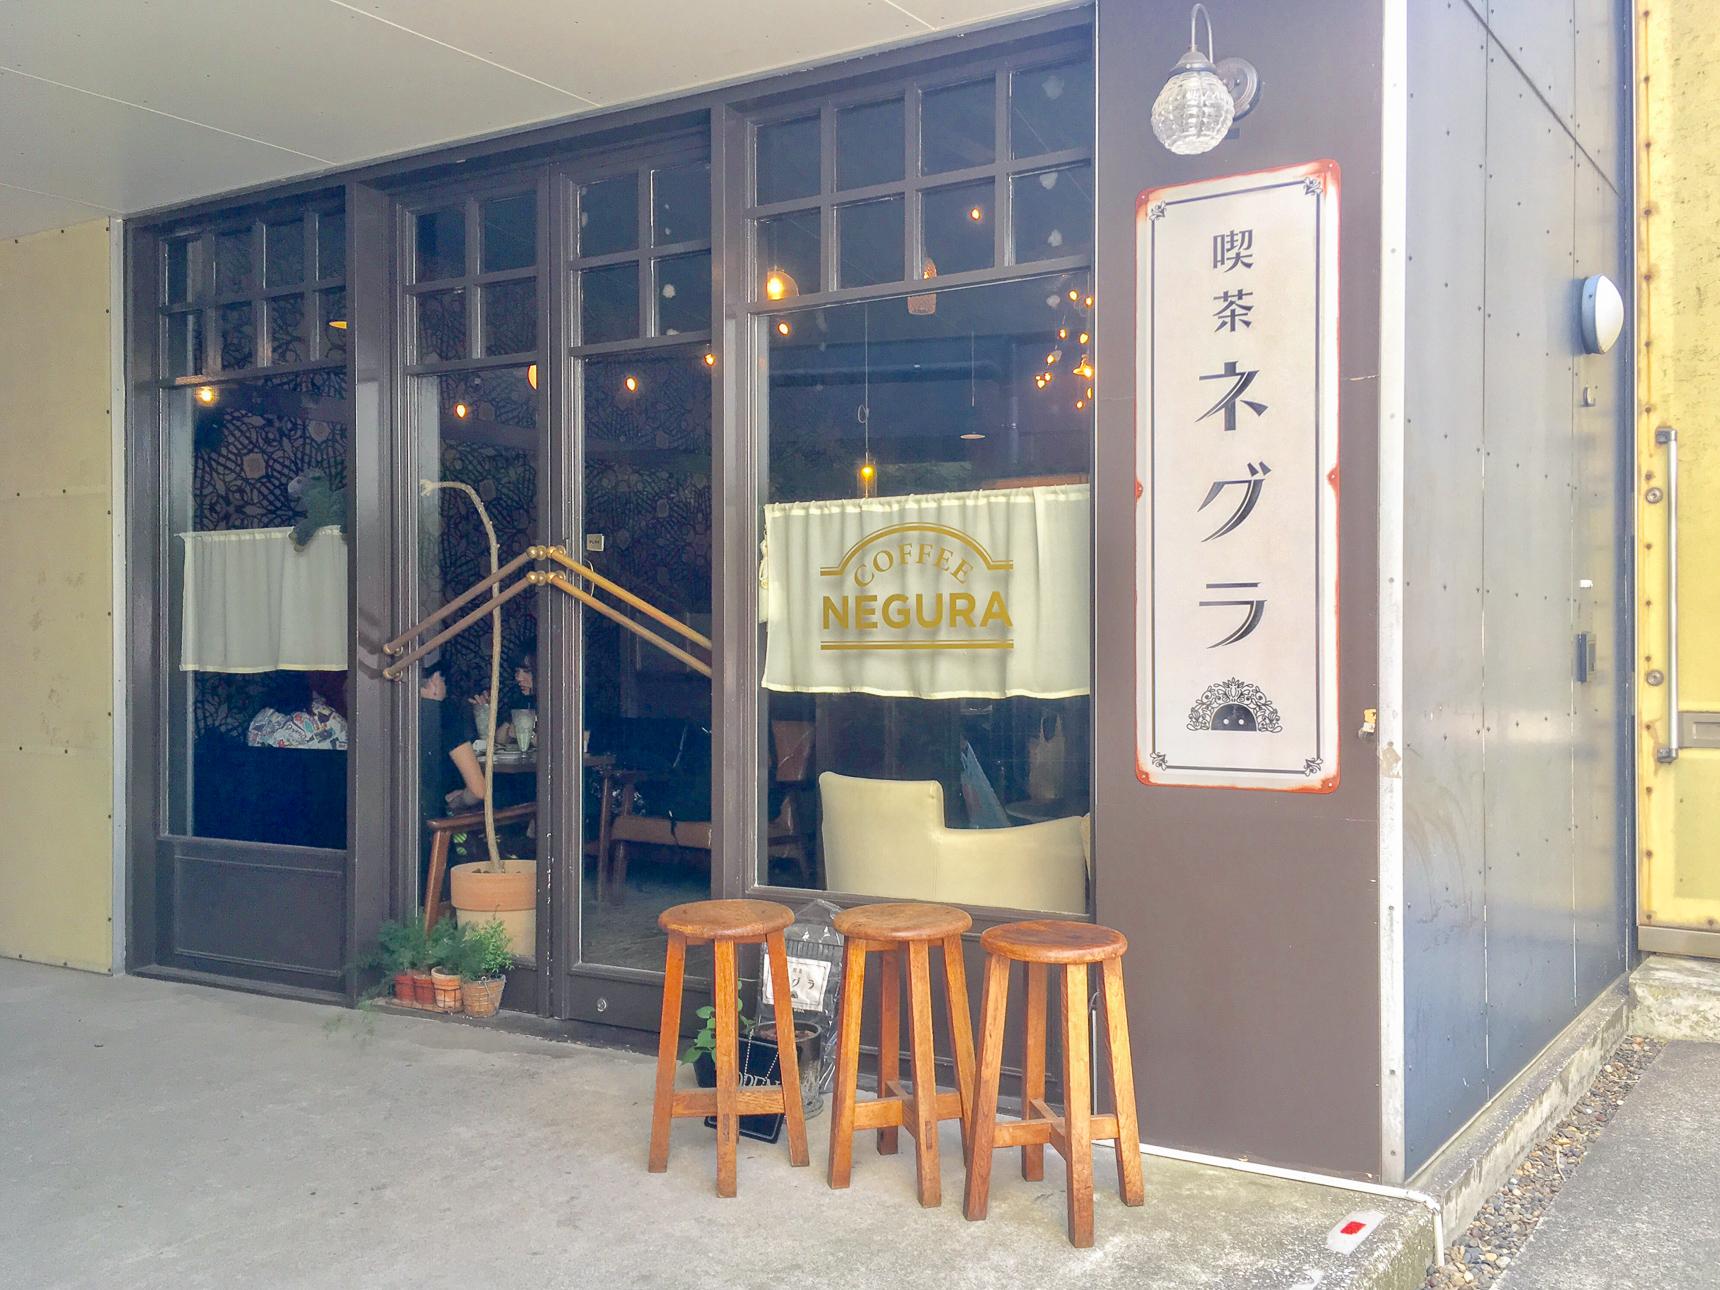 下北の路地によく似合う、小さな喫茶店。